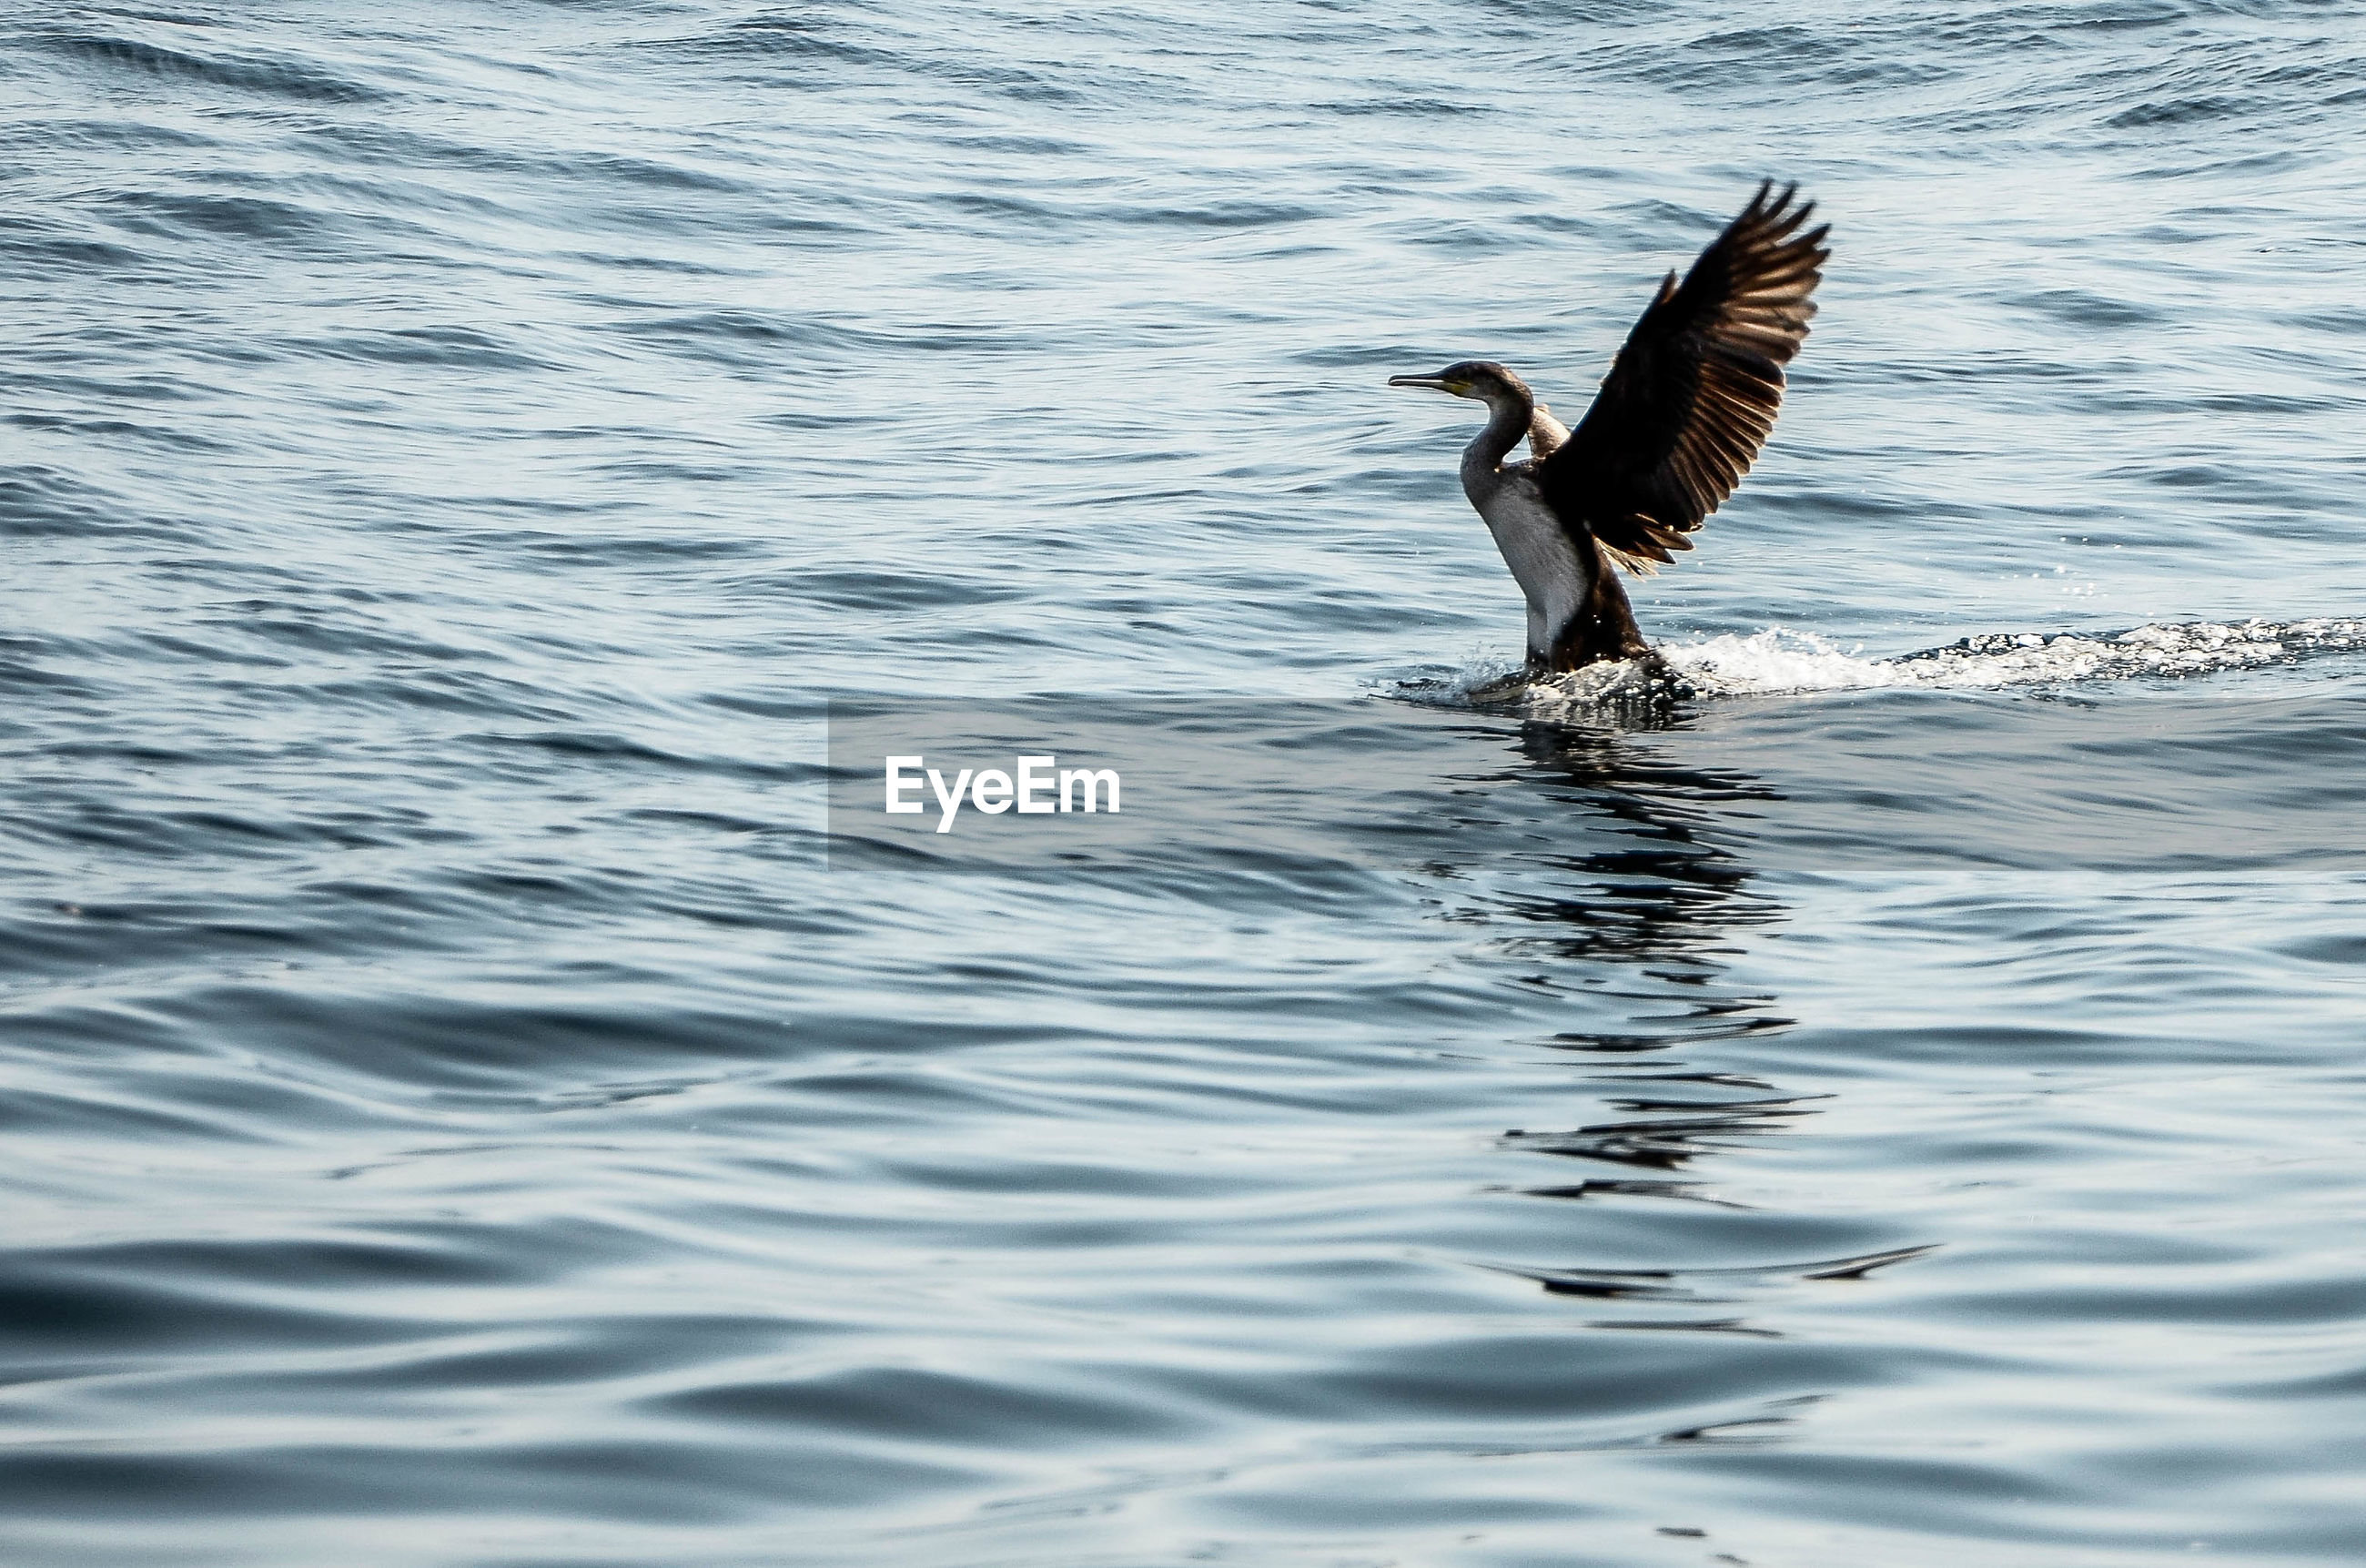 Cormorant landing in lake